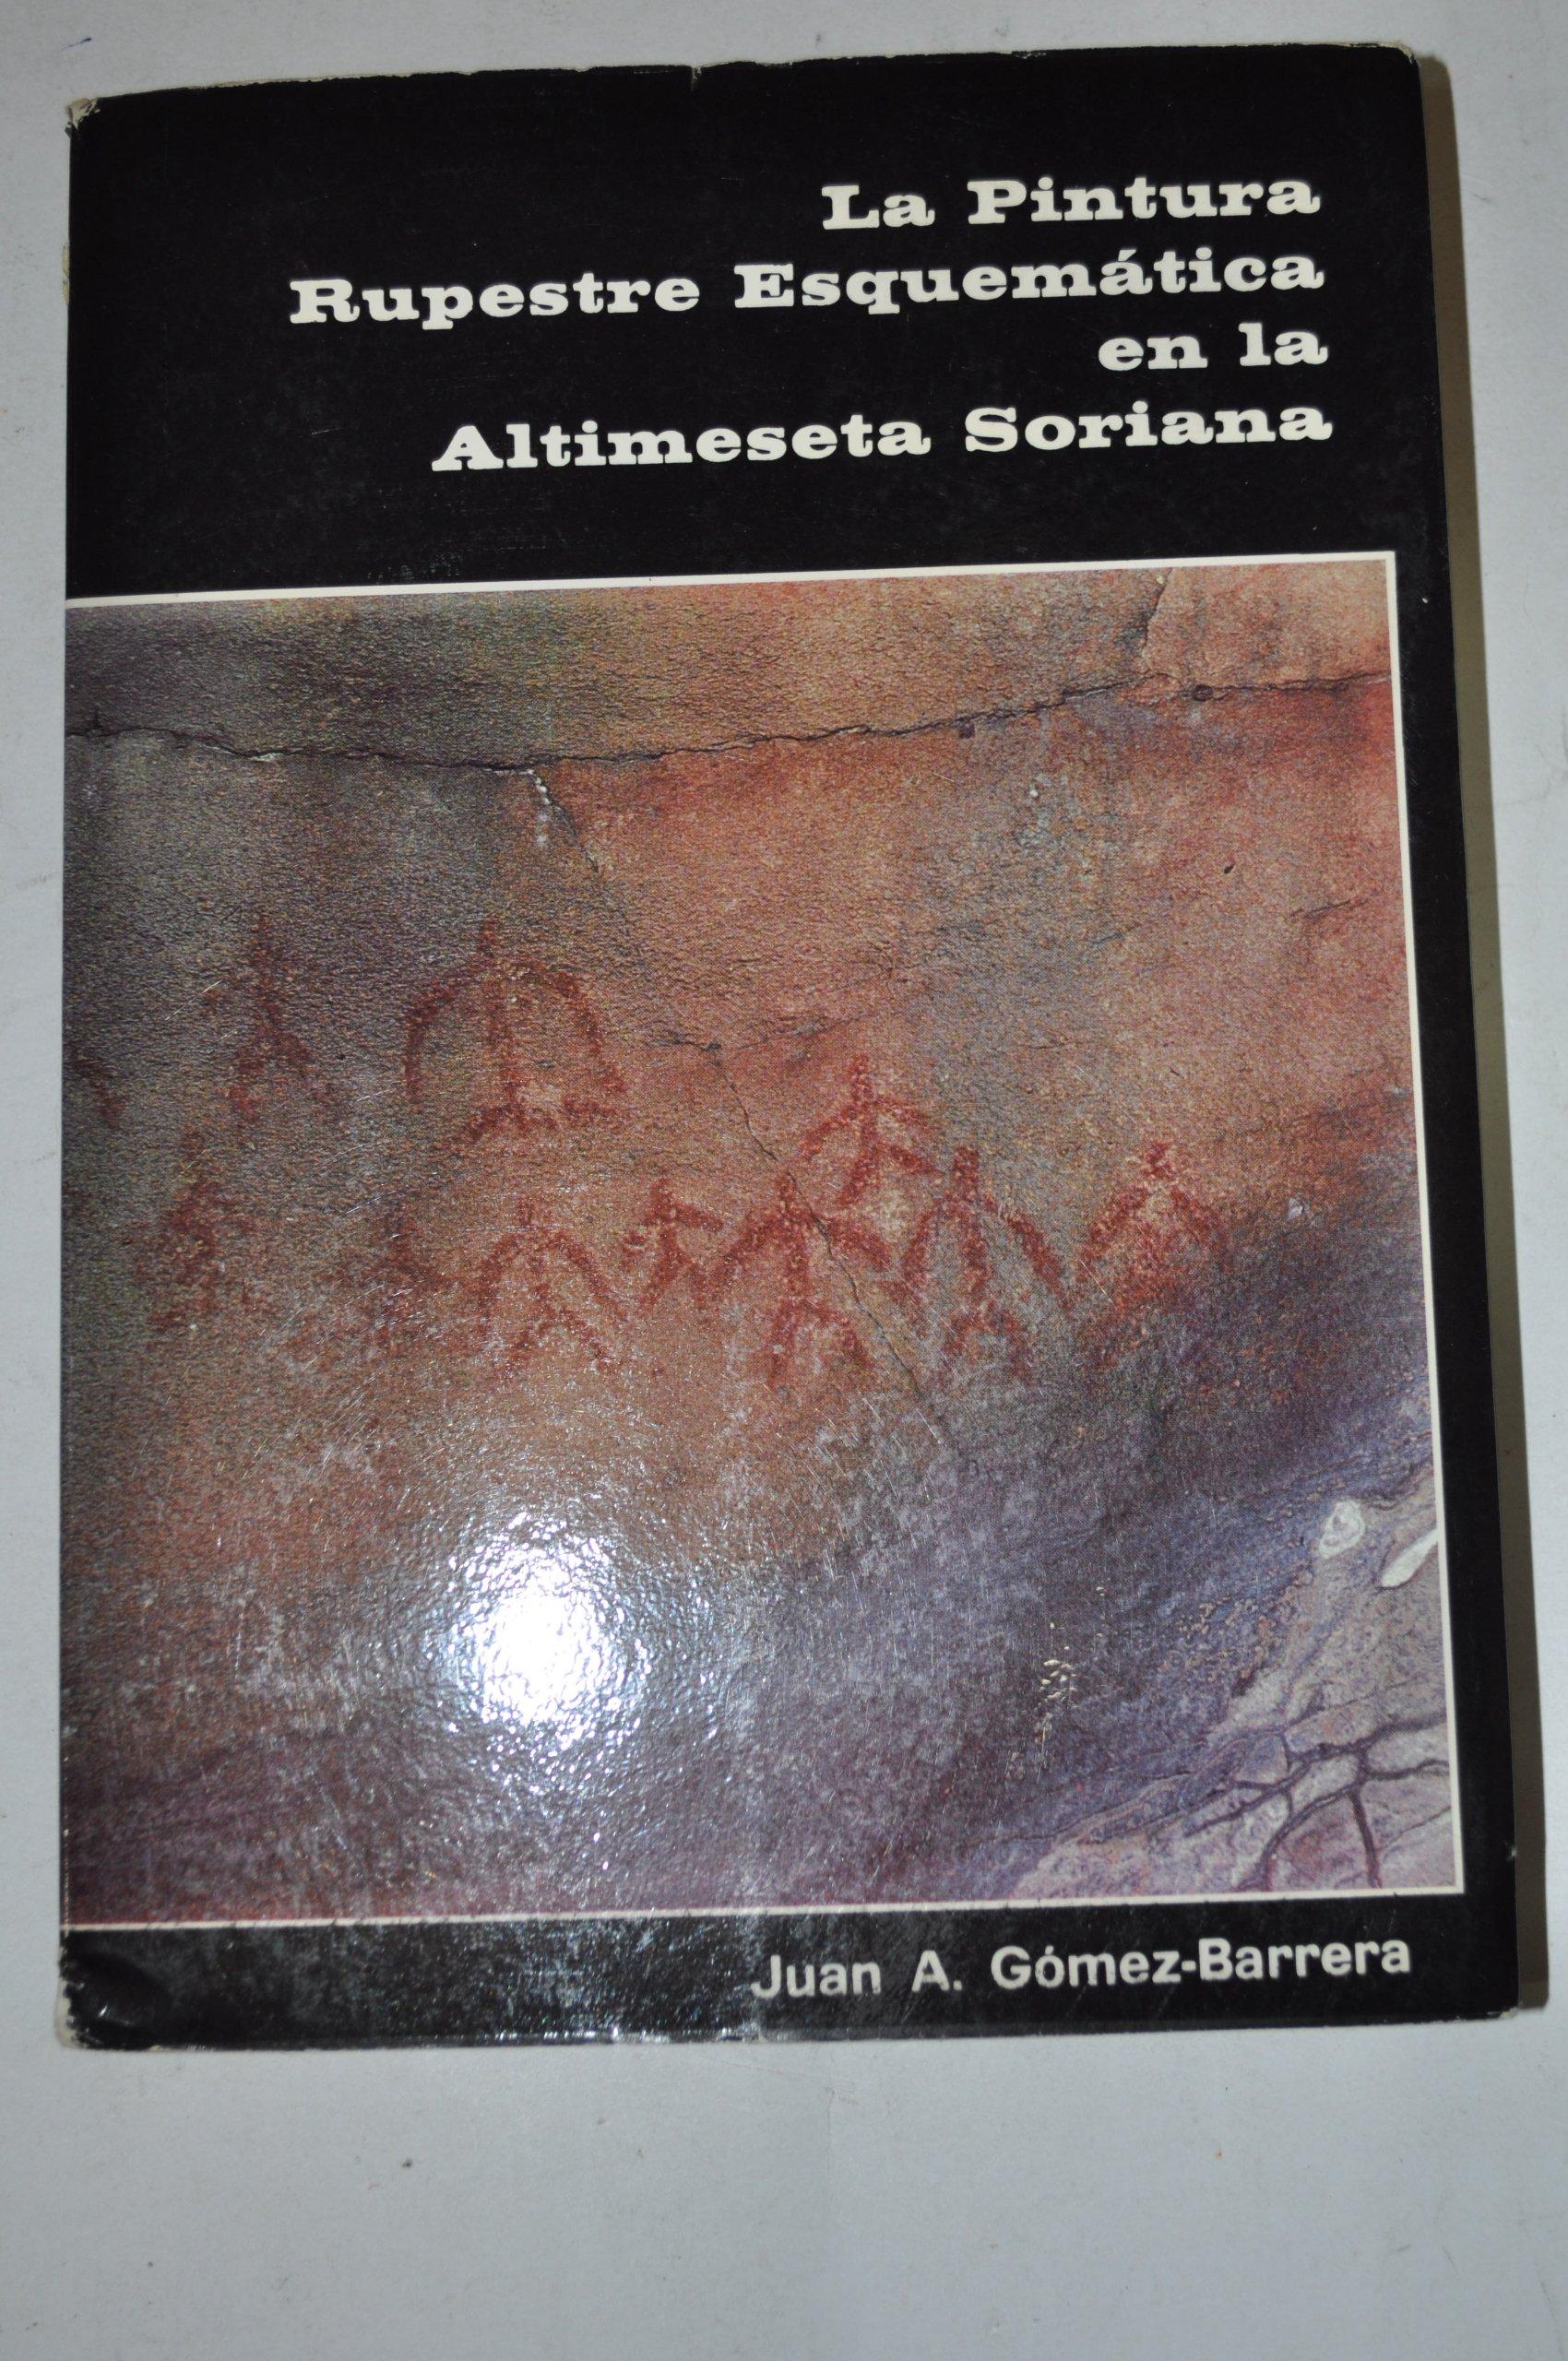 La pintura rupestre esquematica en la altimeseta soriana (Publicaciones del Excmo. Ayuntamiento de Soria) Unknown Binding – 1982